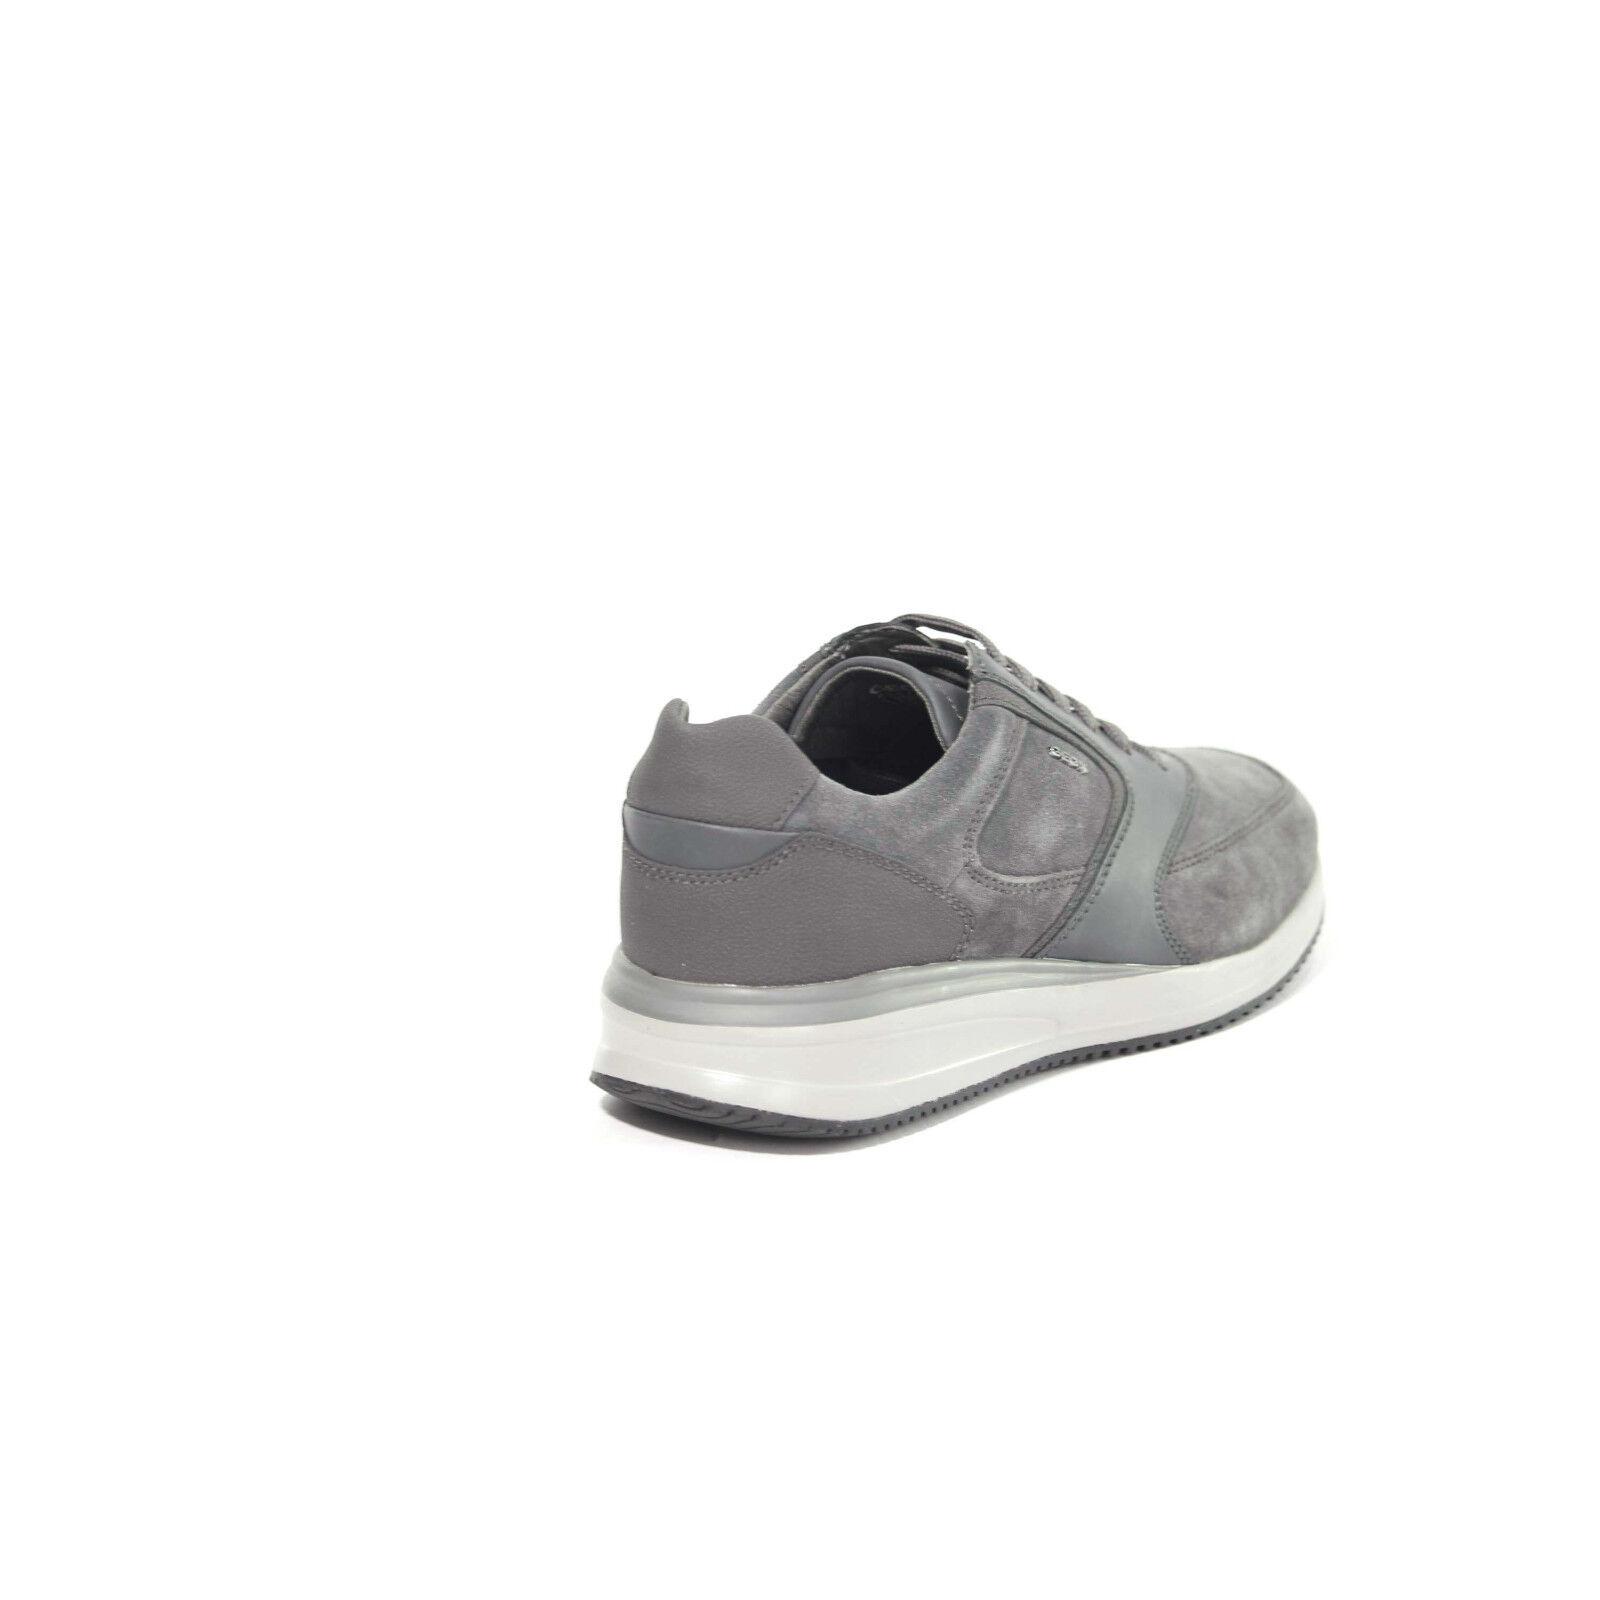 GEOX scarpe da ginnastica A I UOMO N. N. N. 42 DENNIE U740GA DA 135,00 A 81,00 EURO  CASUAL SPORT | Impeccabile  cd01c4